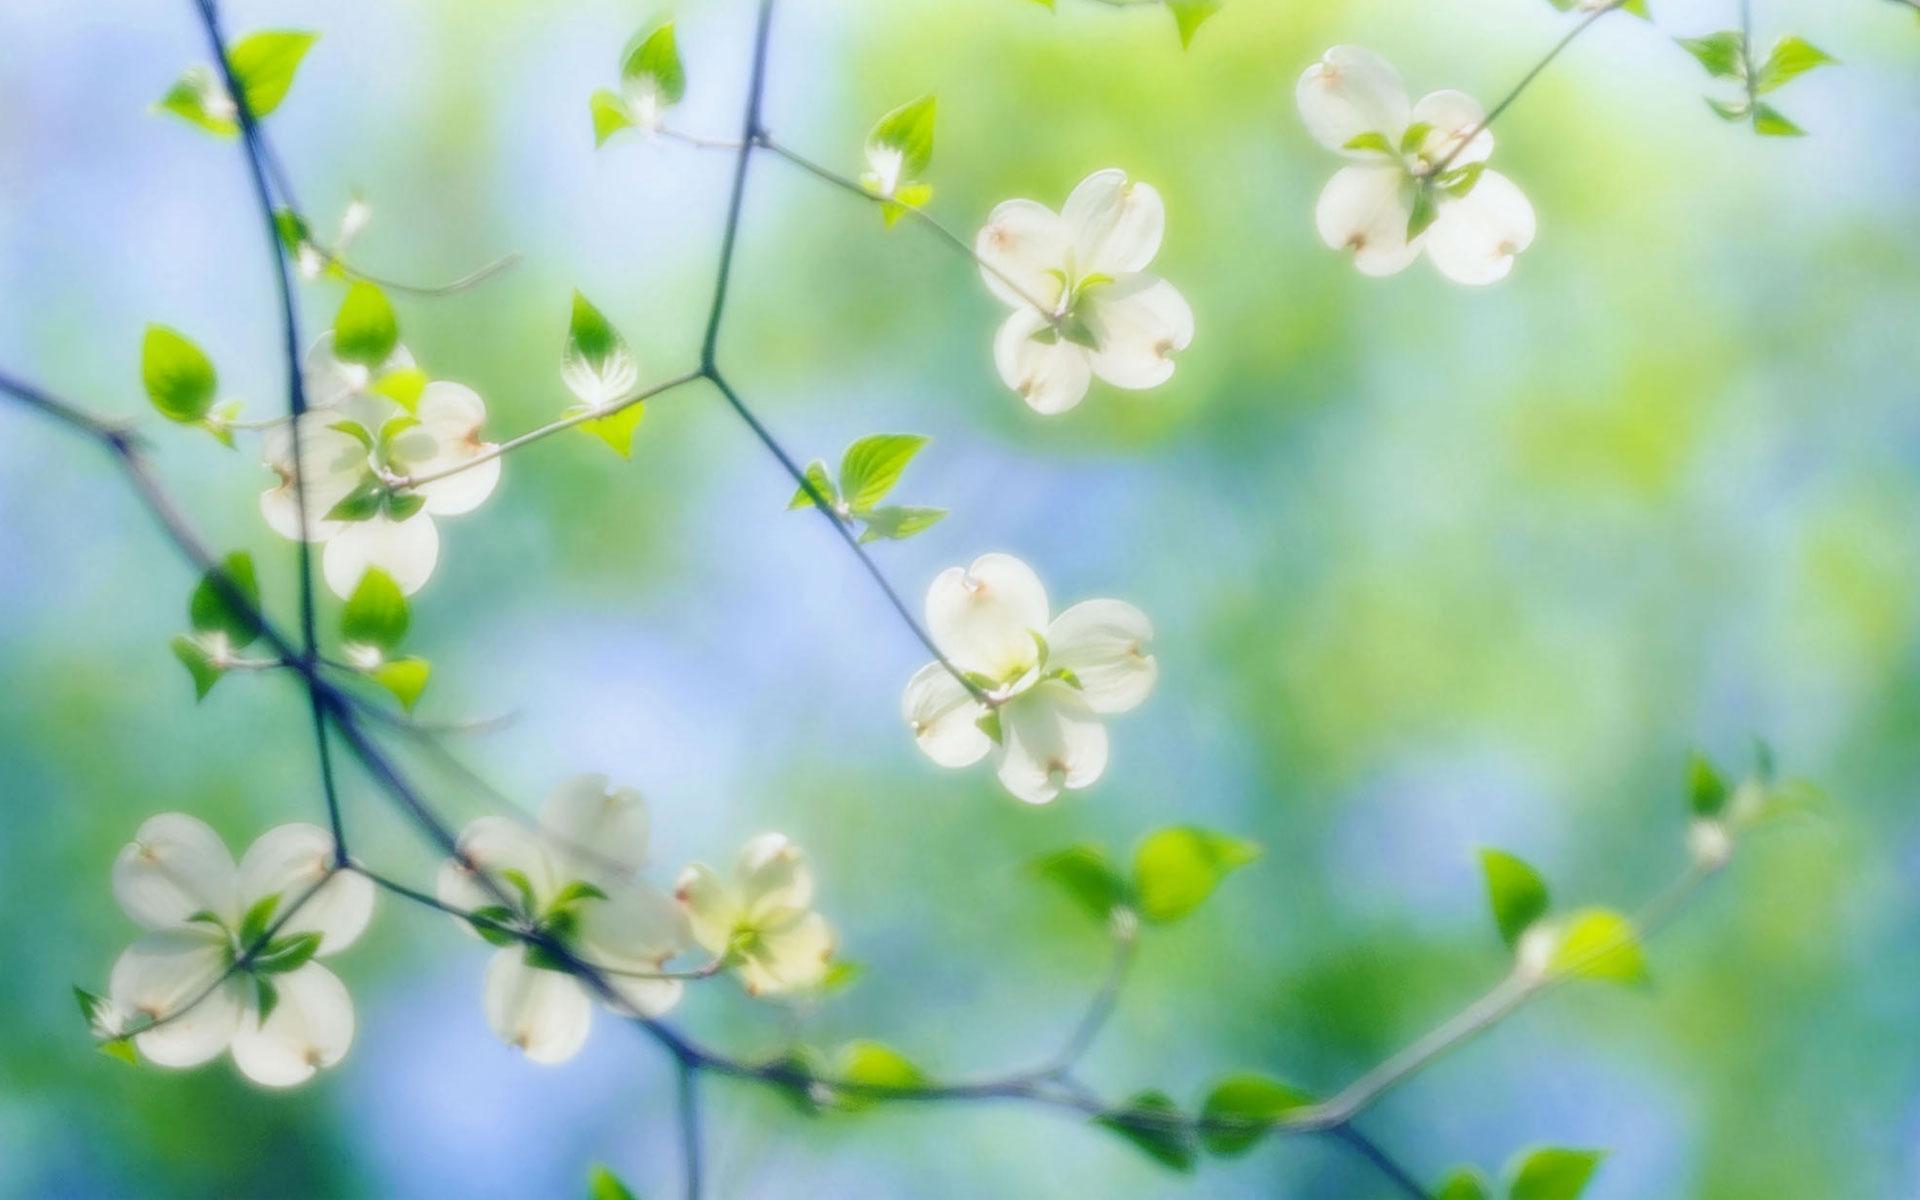 Dogwood Flowers Background